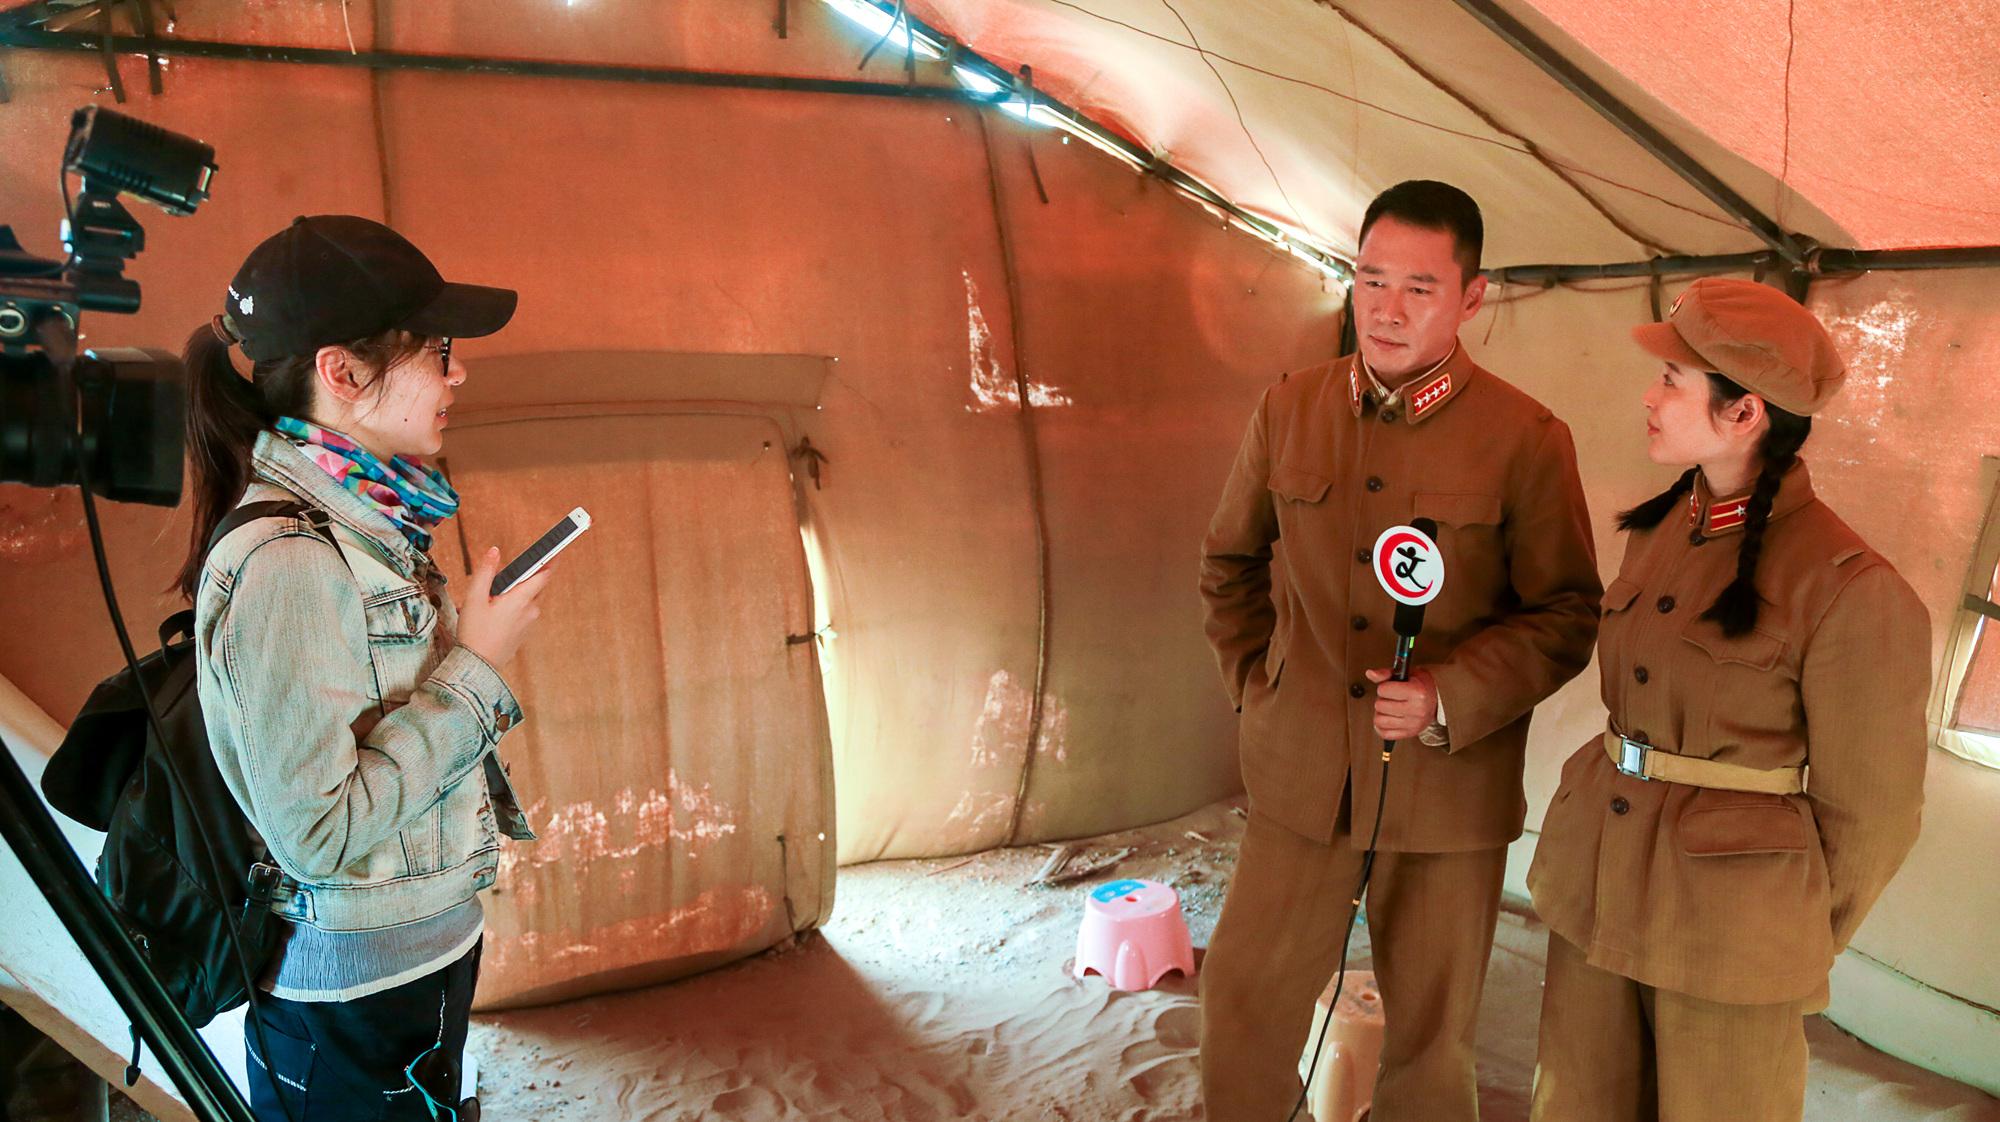 绝密工程媒体赴内蒙古探班 摄制组风沙之中砥砺前行